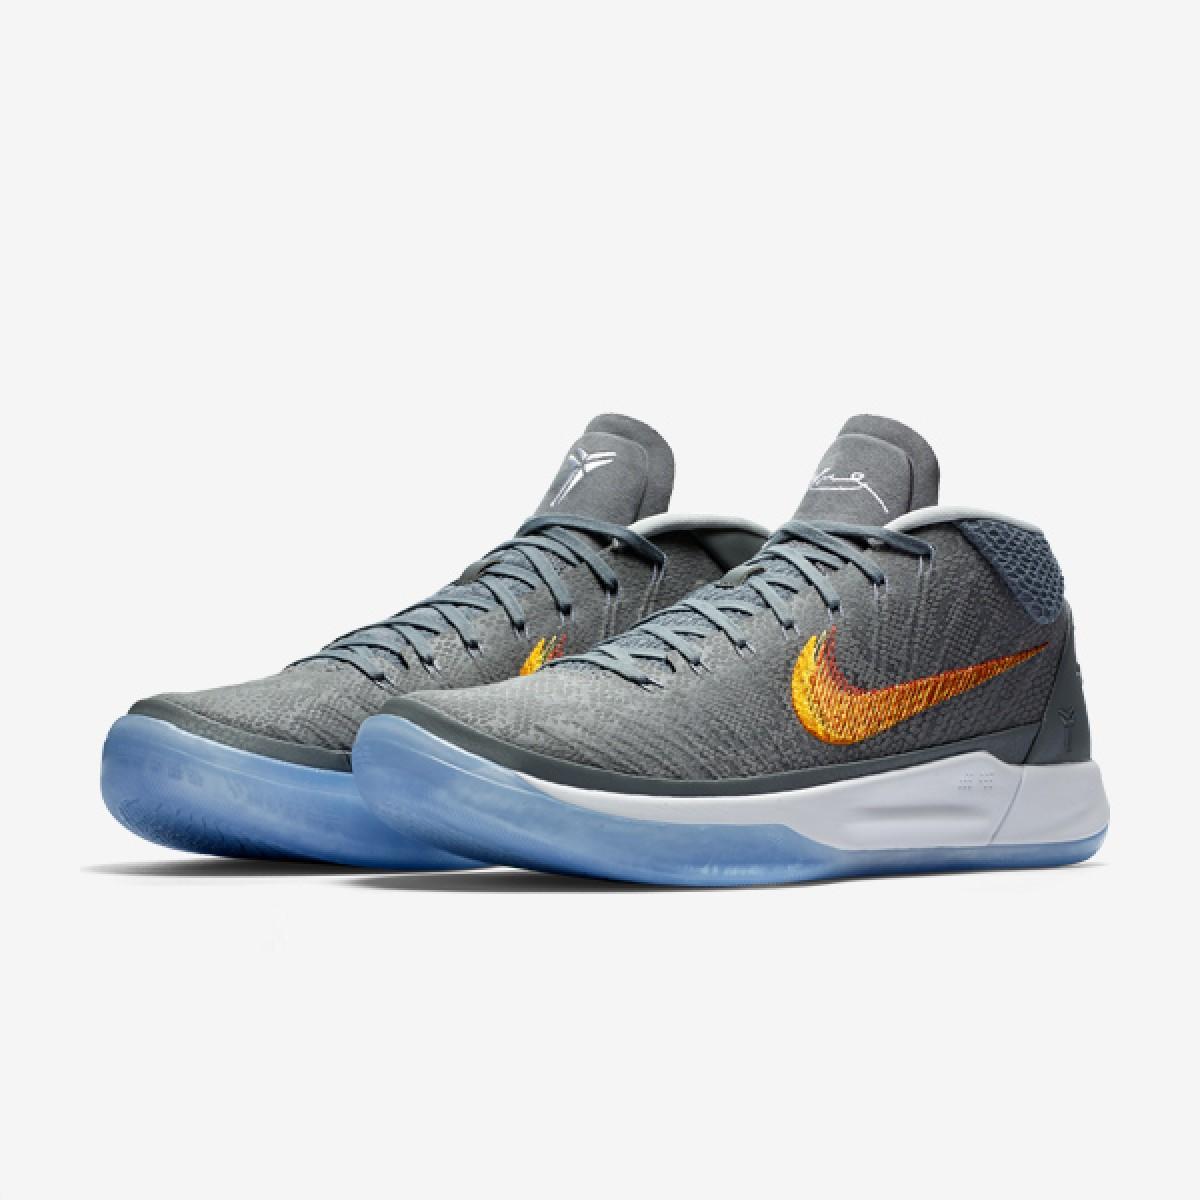 Nike Kobe AD Mid 'Chrome' 922482-005